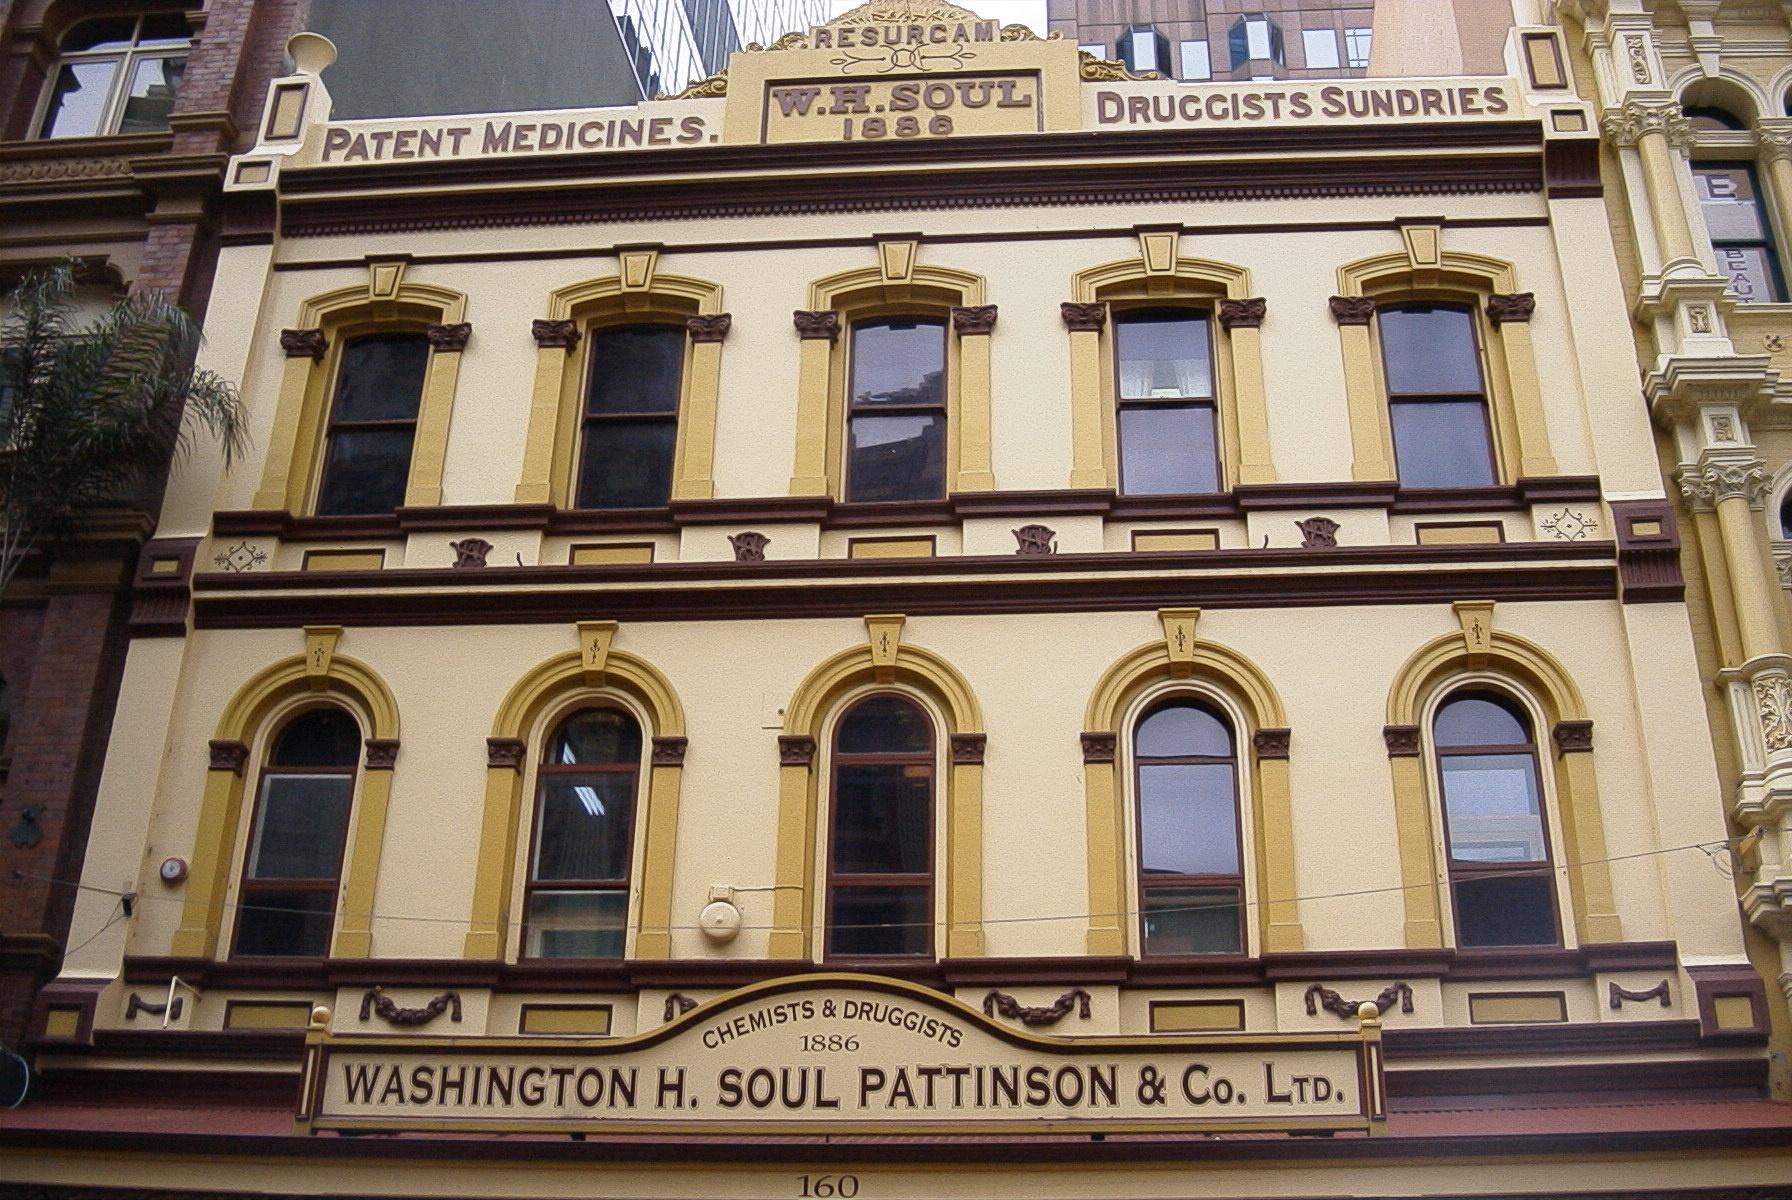 Washington H. Soul Pattinson